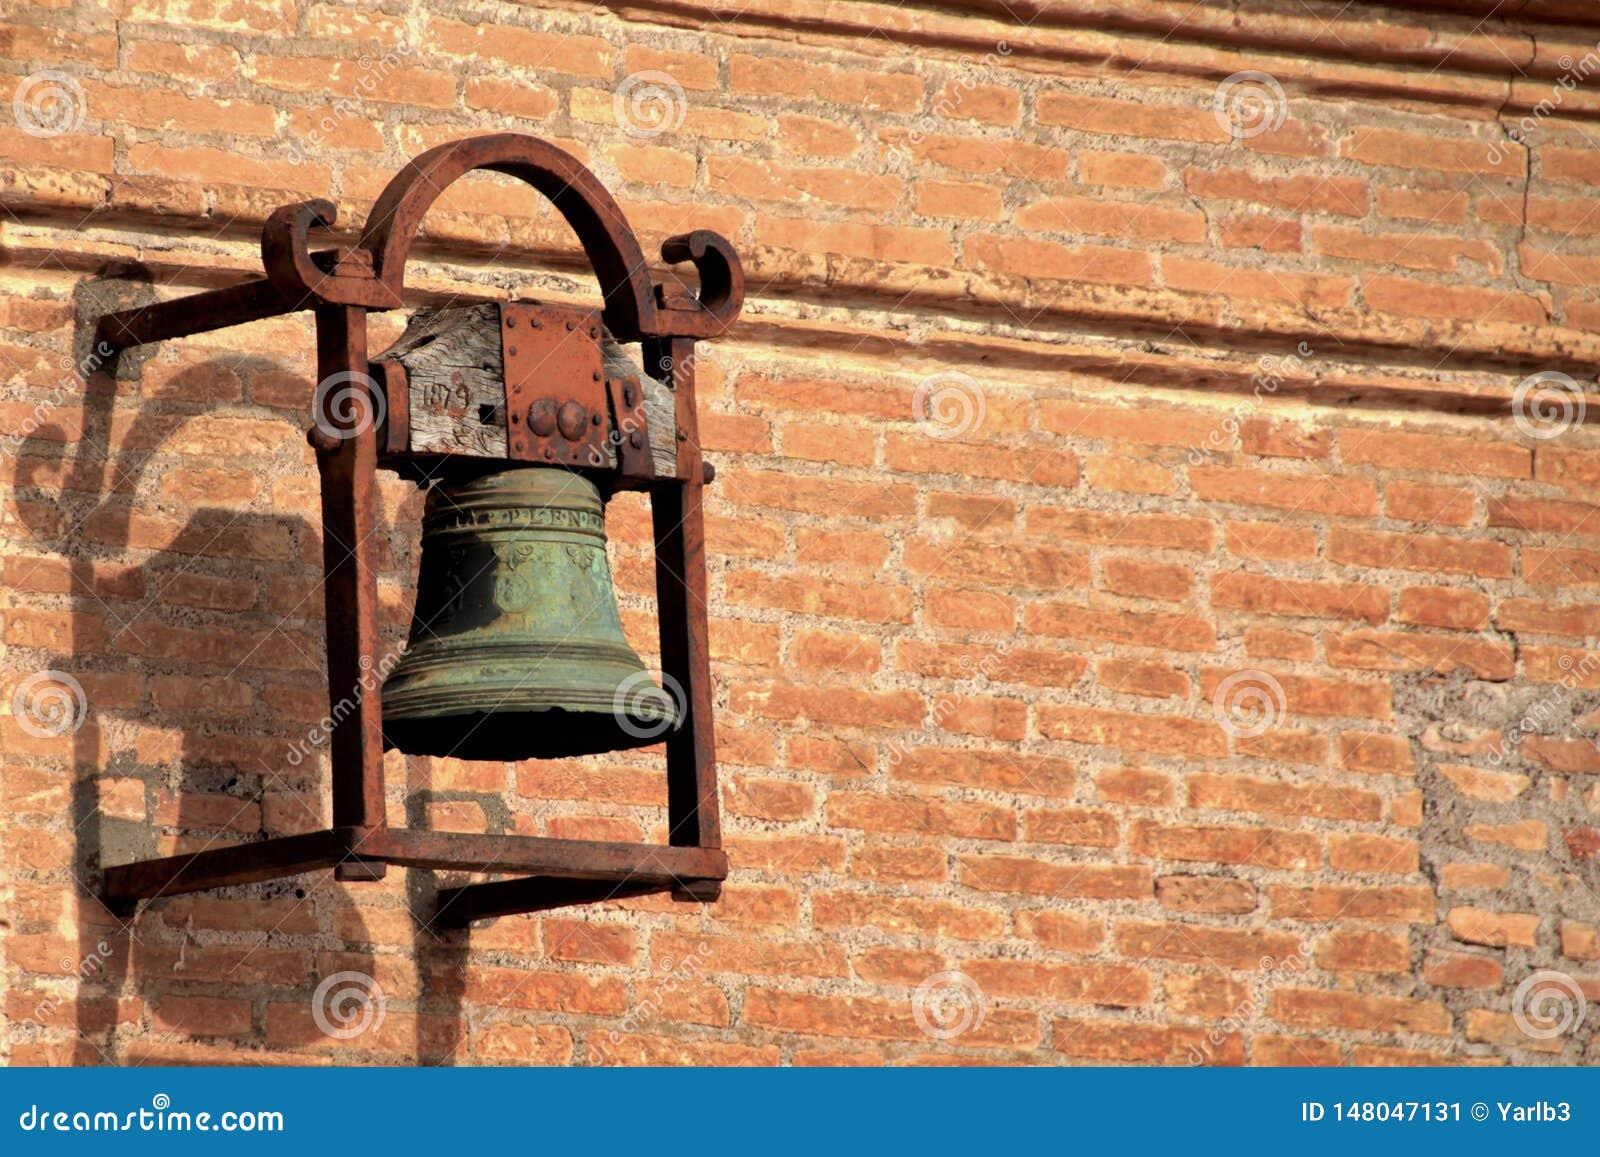 Старый винтажный бронзовый колокол на крыше